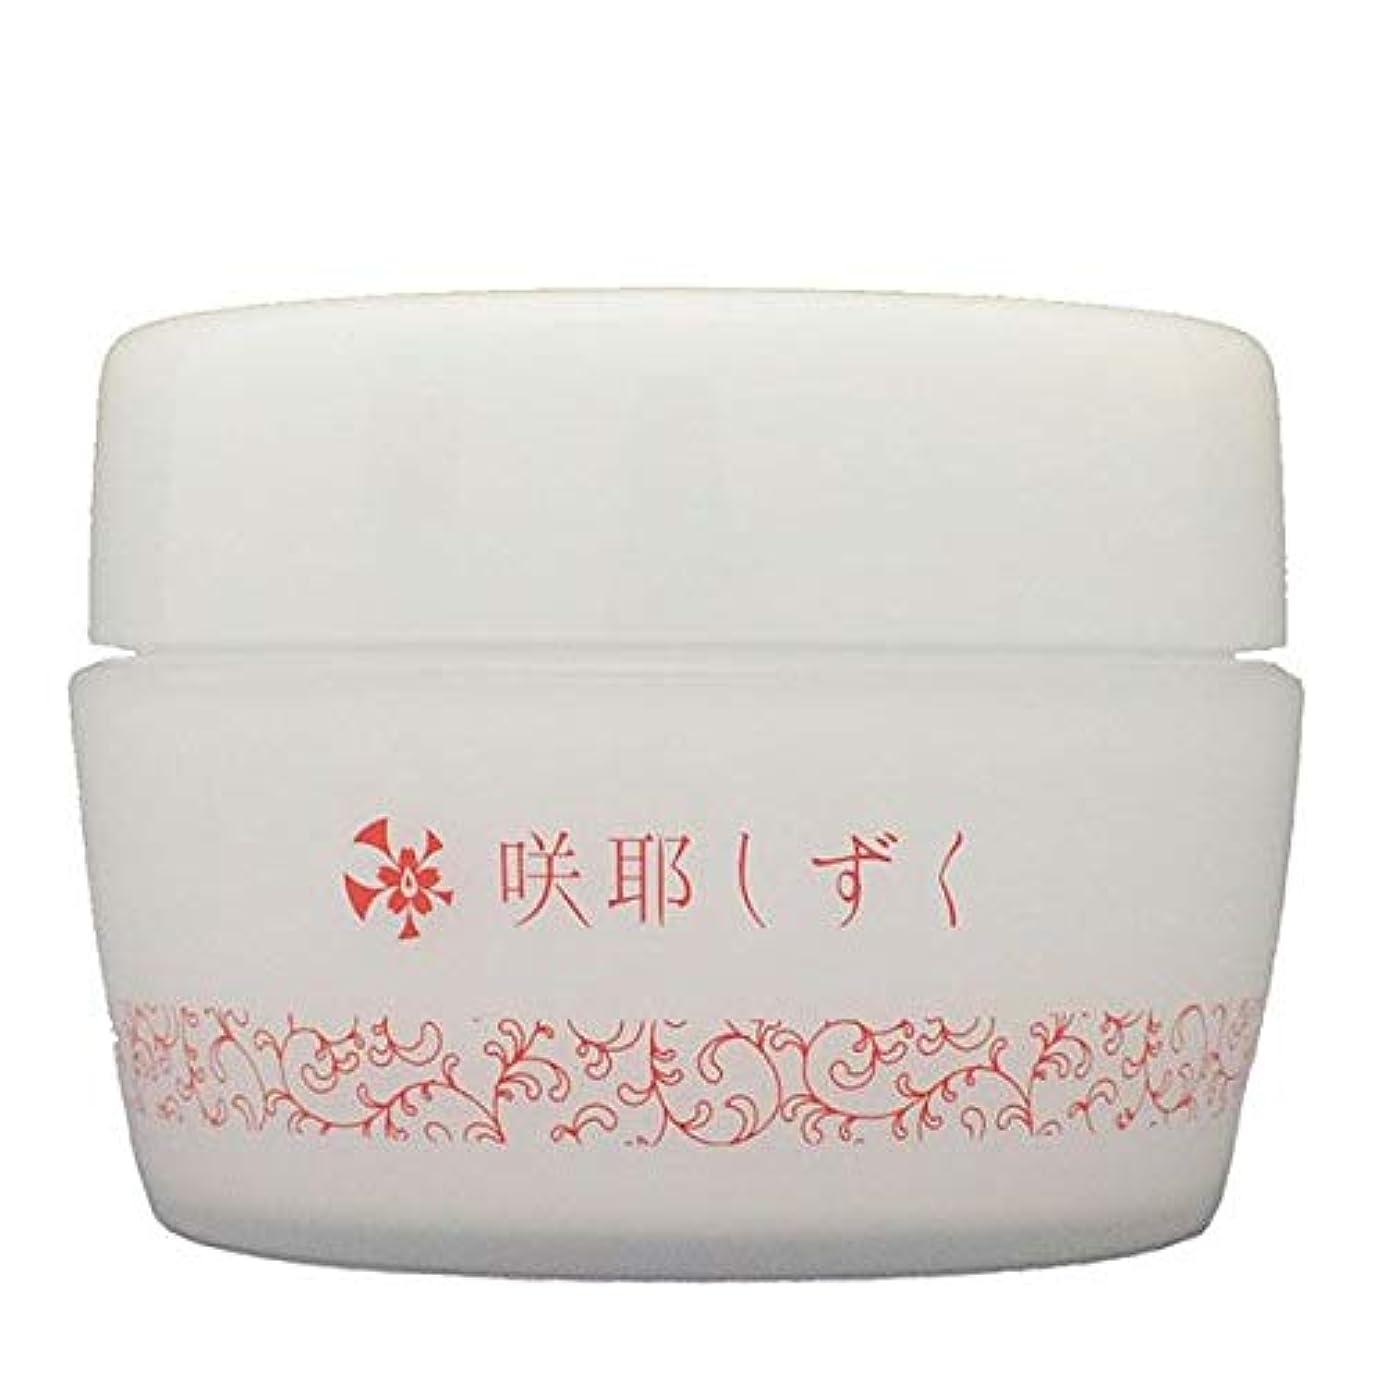 許すセットする人種咲耶しずく クリーム 乾燥肌 さくやしずく 敏感肌 エムズジャパン M's Japan ms-sge01